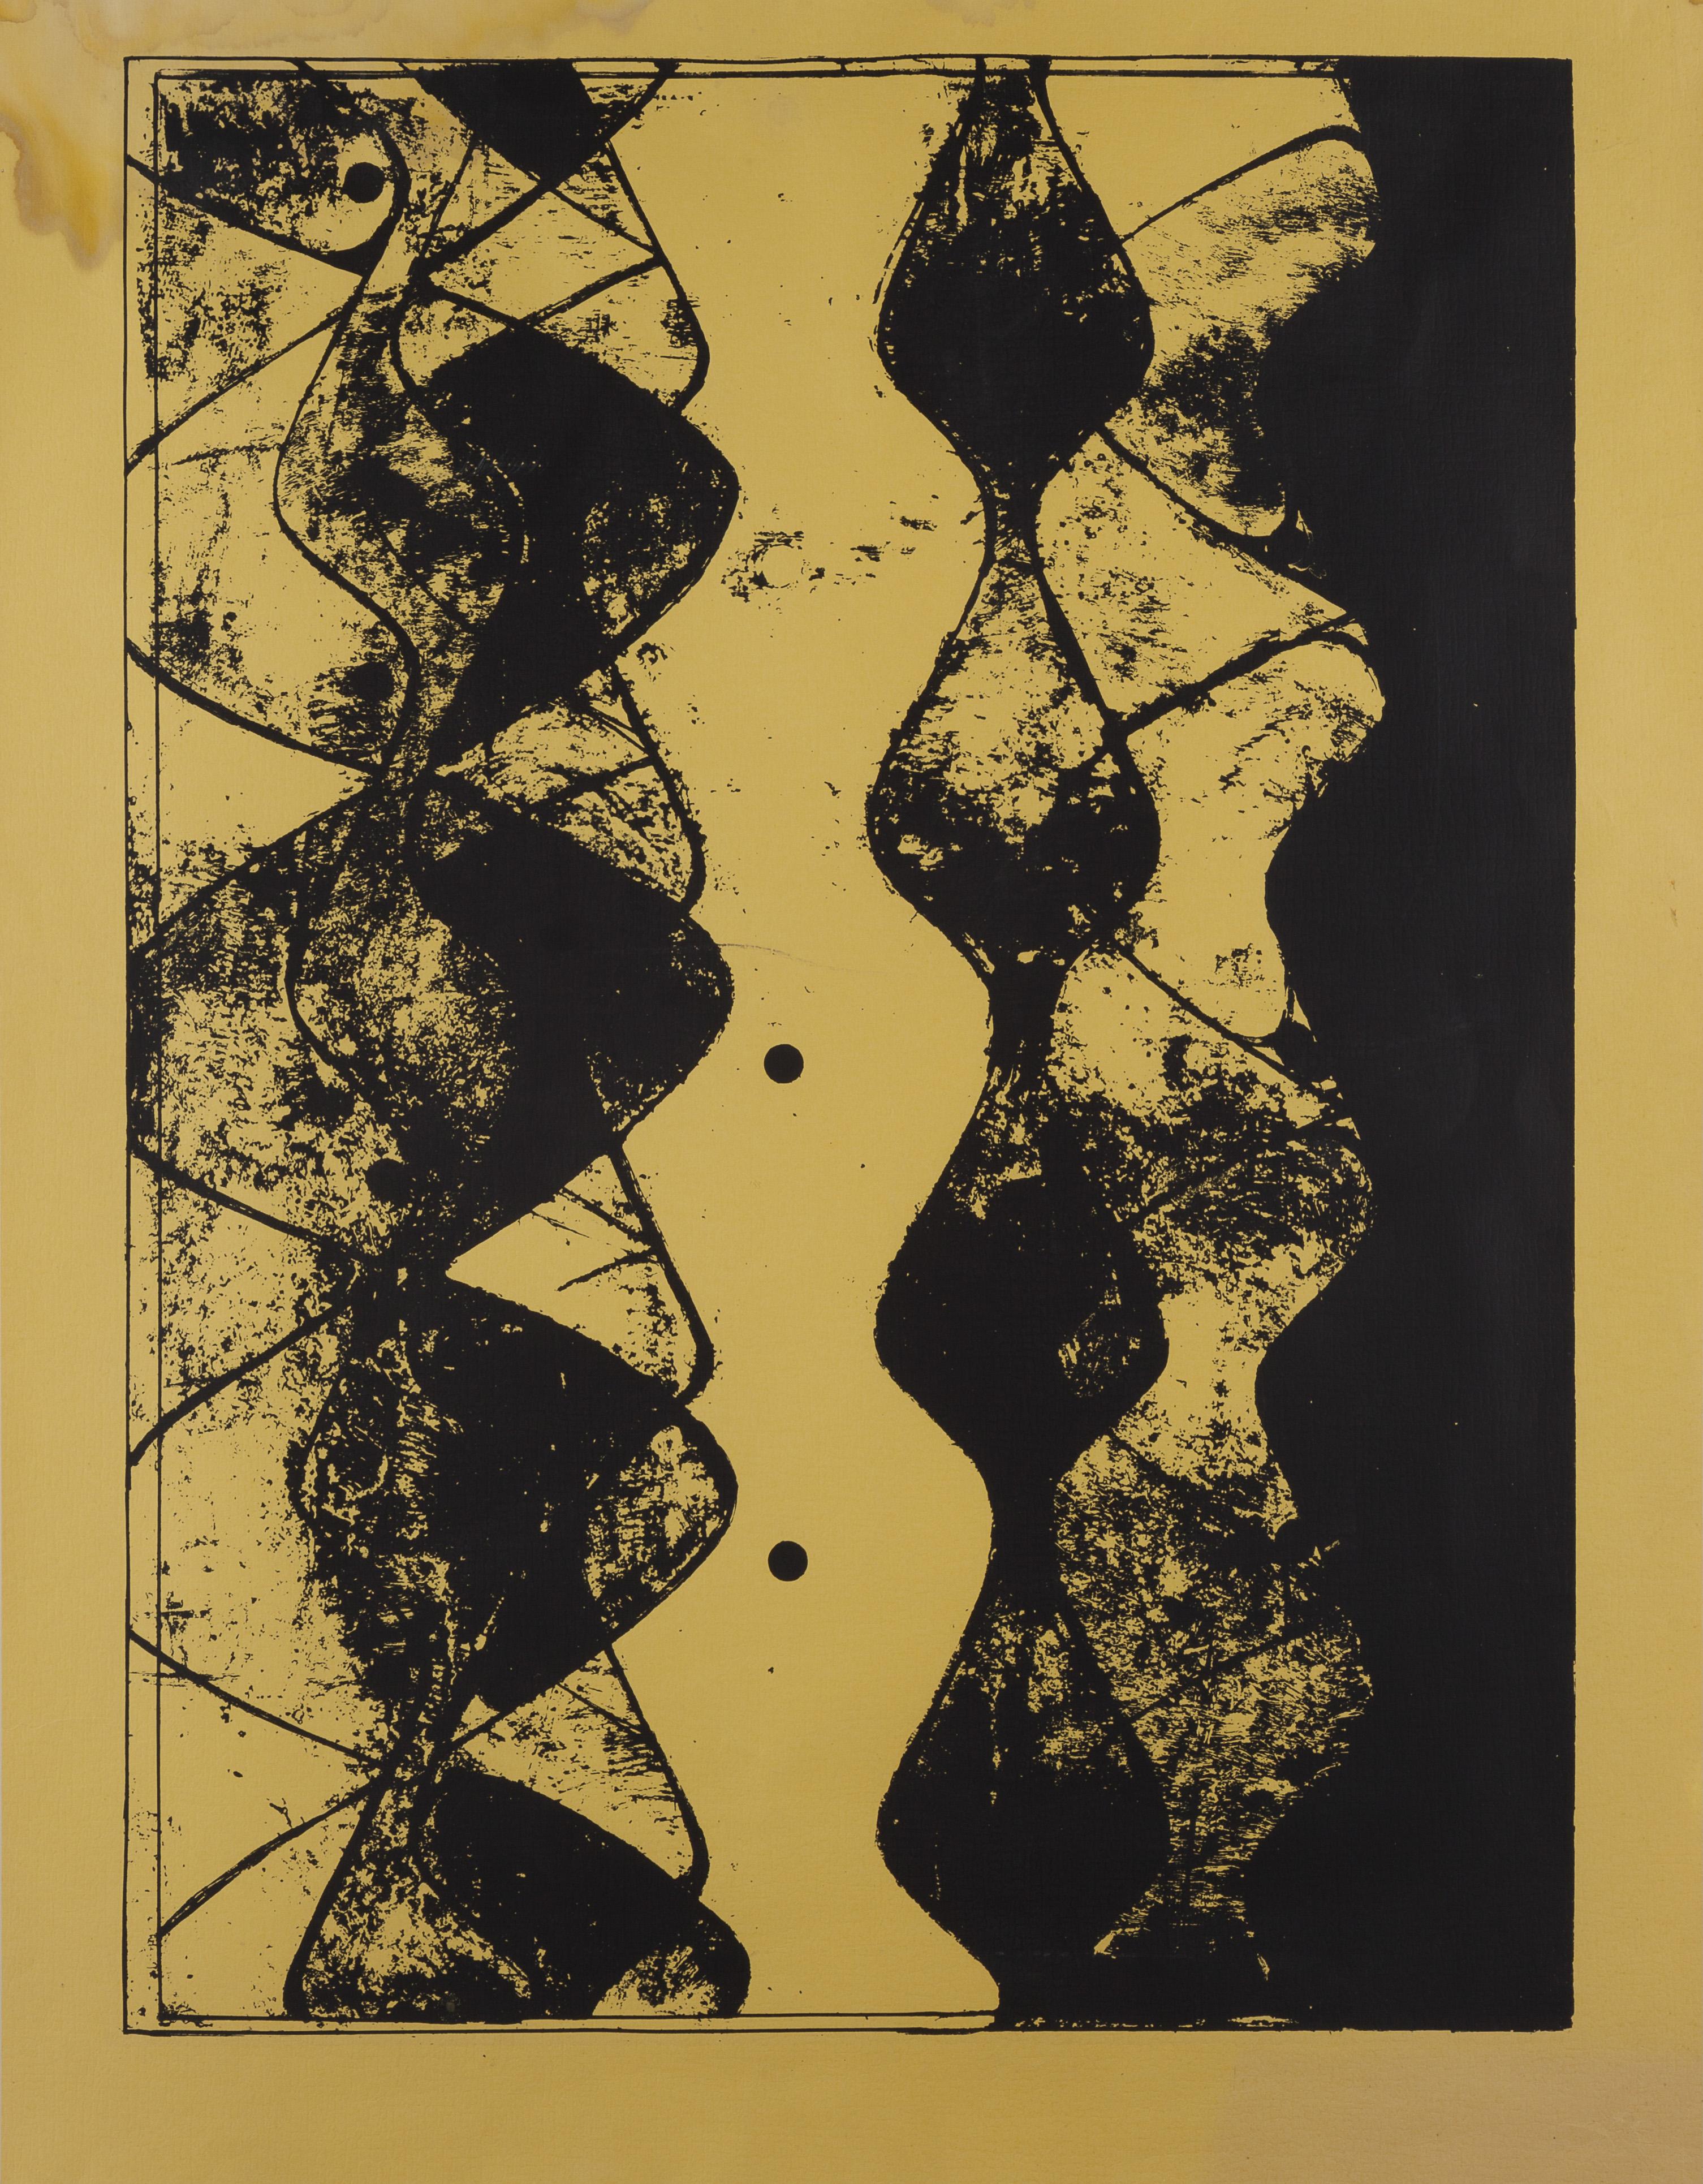 Action - Reaction, B, circa 1970, Silkscreen, 78 x 59 cm, Unique